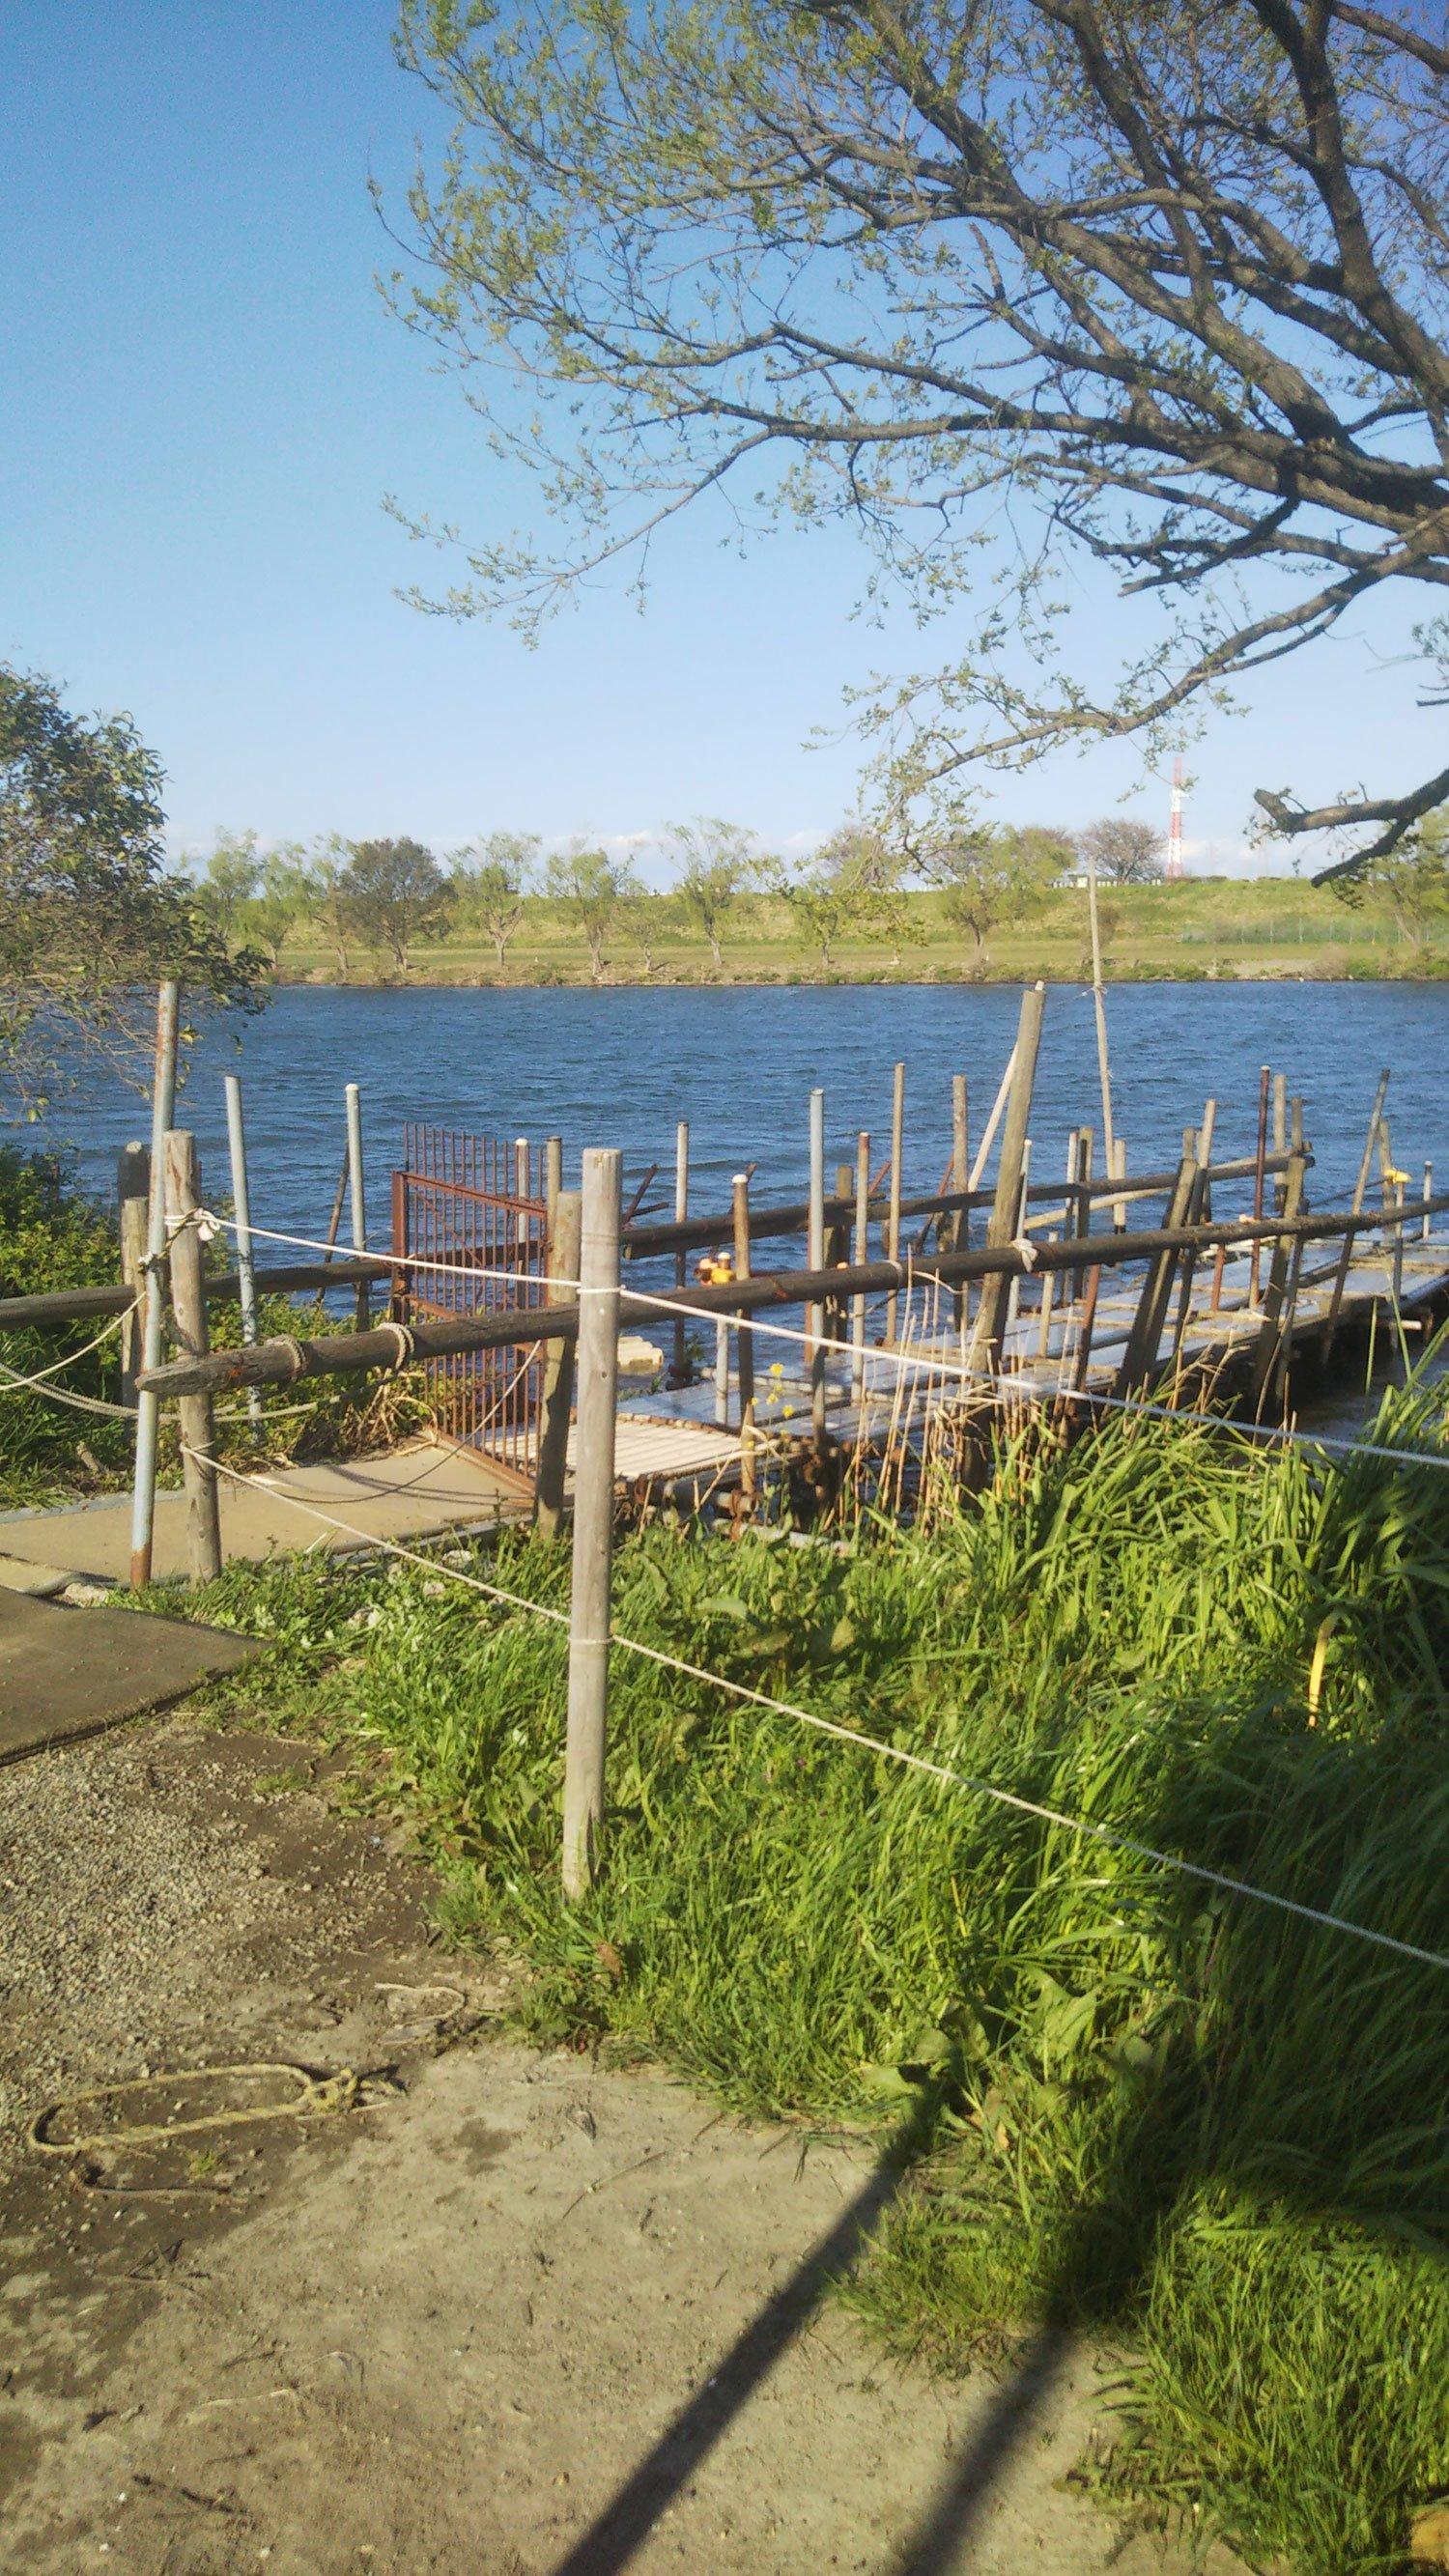 朝日印刷所一同が社内リクリエーションで舟遊び(第6作)。場所は日本ラインでも天竜川でも長瀞でもなく(御前様談)、江戸川です。